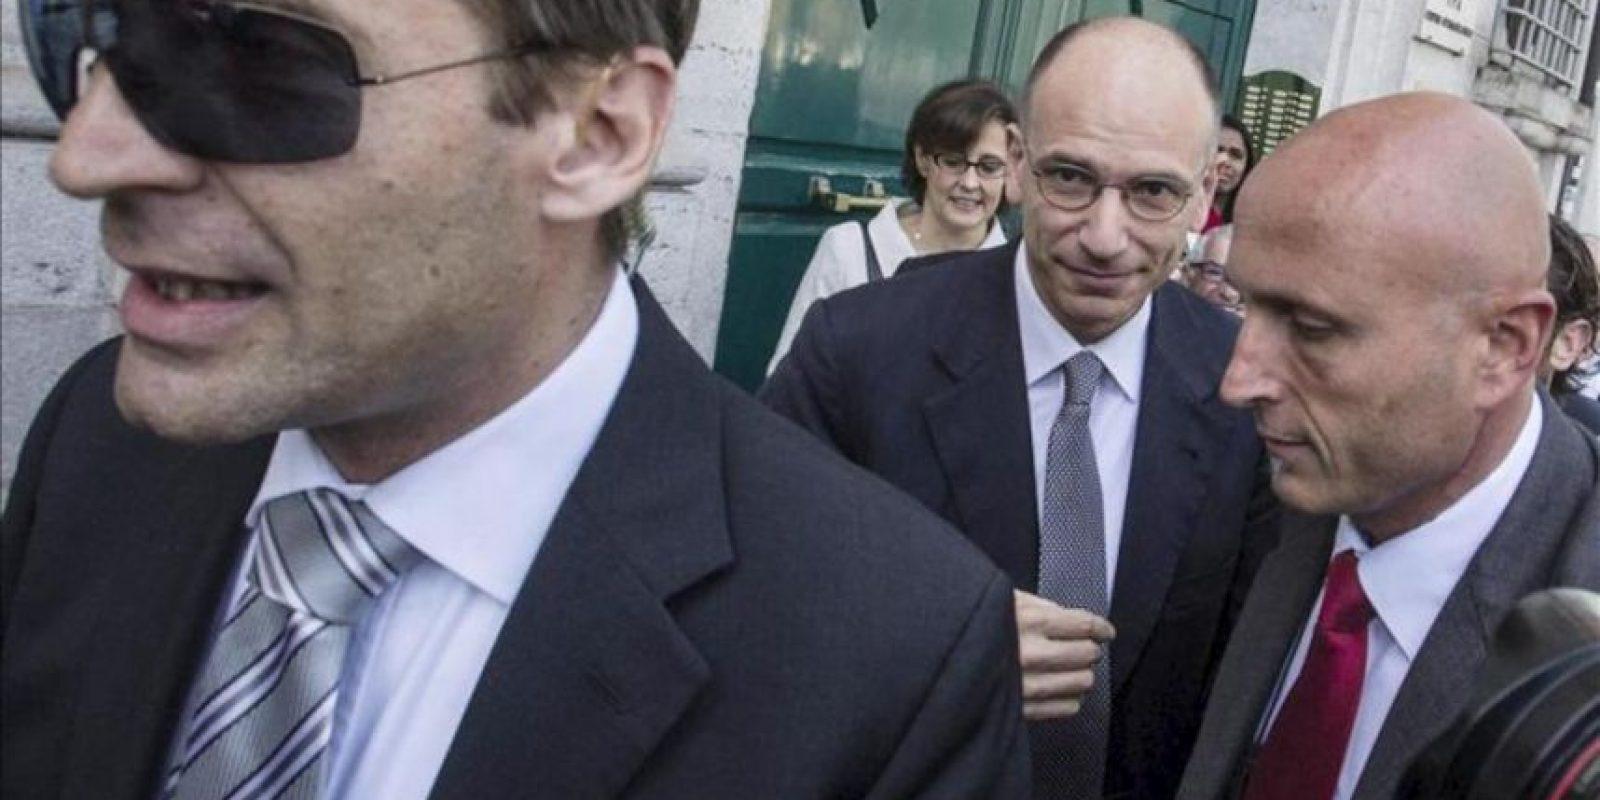 El nuevo jefe del Gobierno italiano, Enrico Letta, de 46 años y procedente del Partido Demócrata (PD), juró hoy su cargo ante el presidente de la República, Giorgio Napolitano. EFE